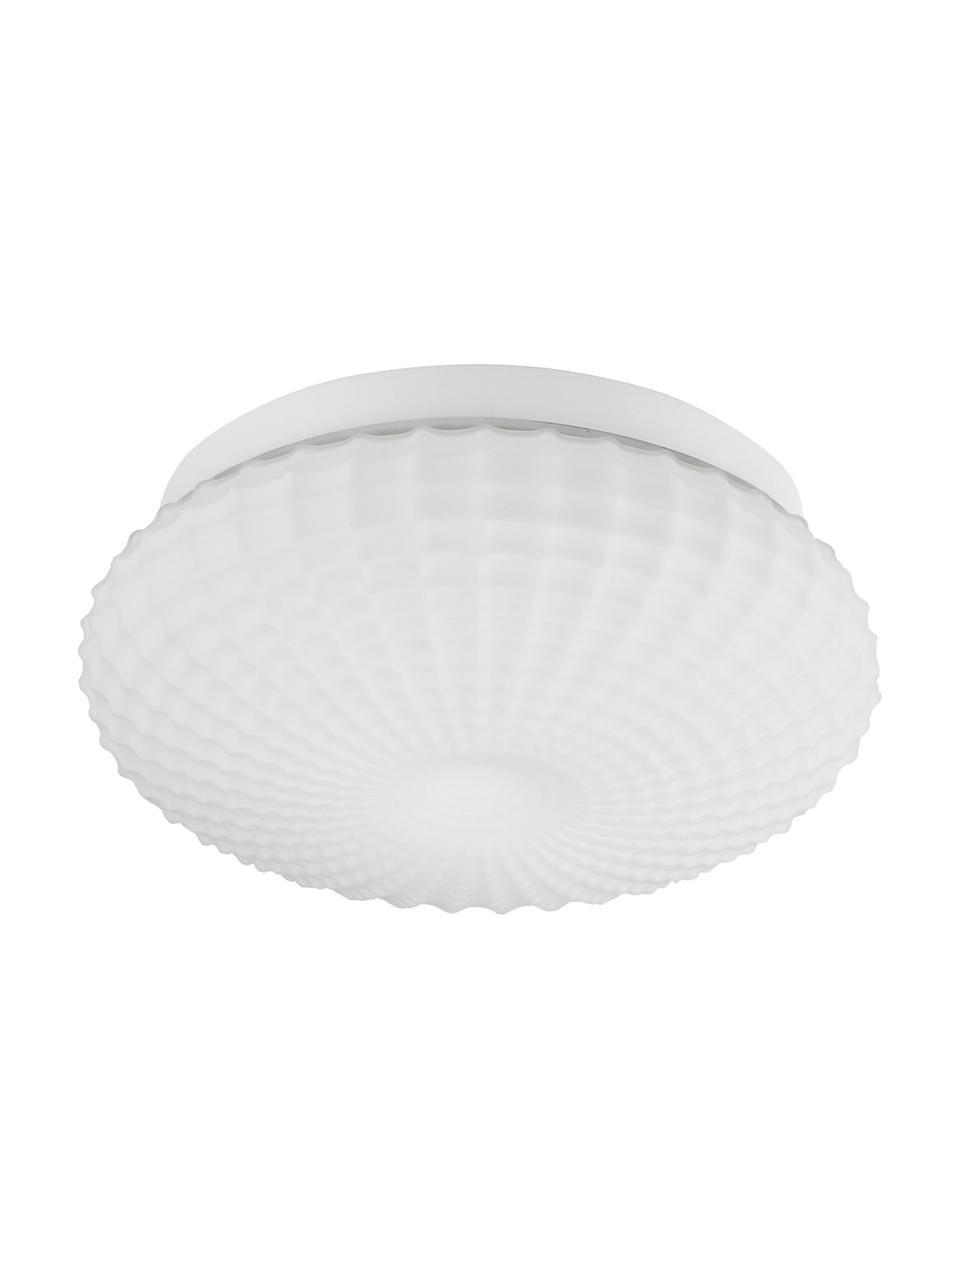 Plafoniera piccola in vetro Clam, Paralume: vetro, Baldacchino: acciaio rivestito, Bianco, Ø 30 x Alt. 12 cm